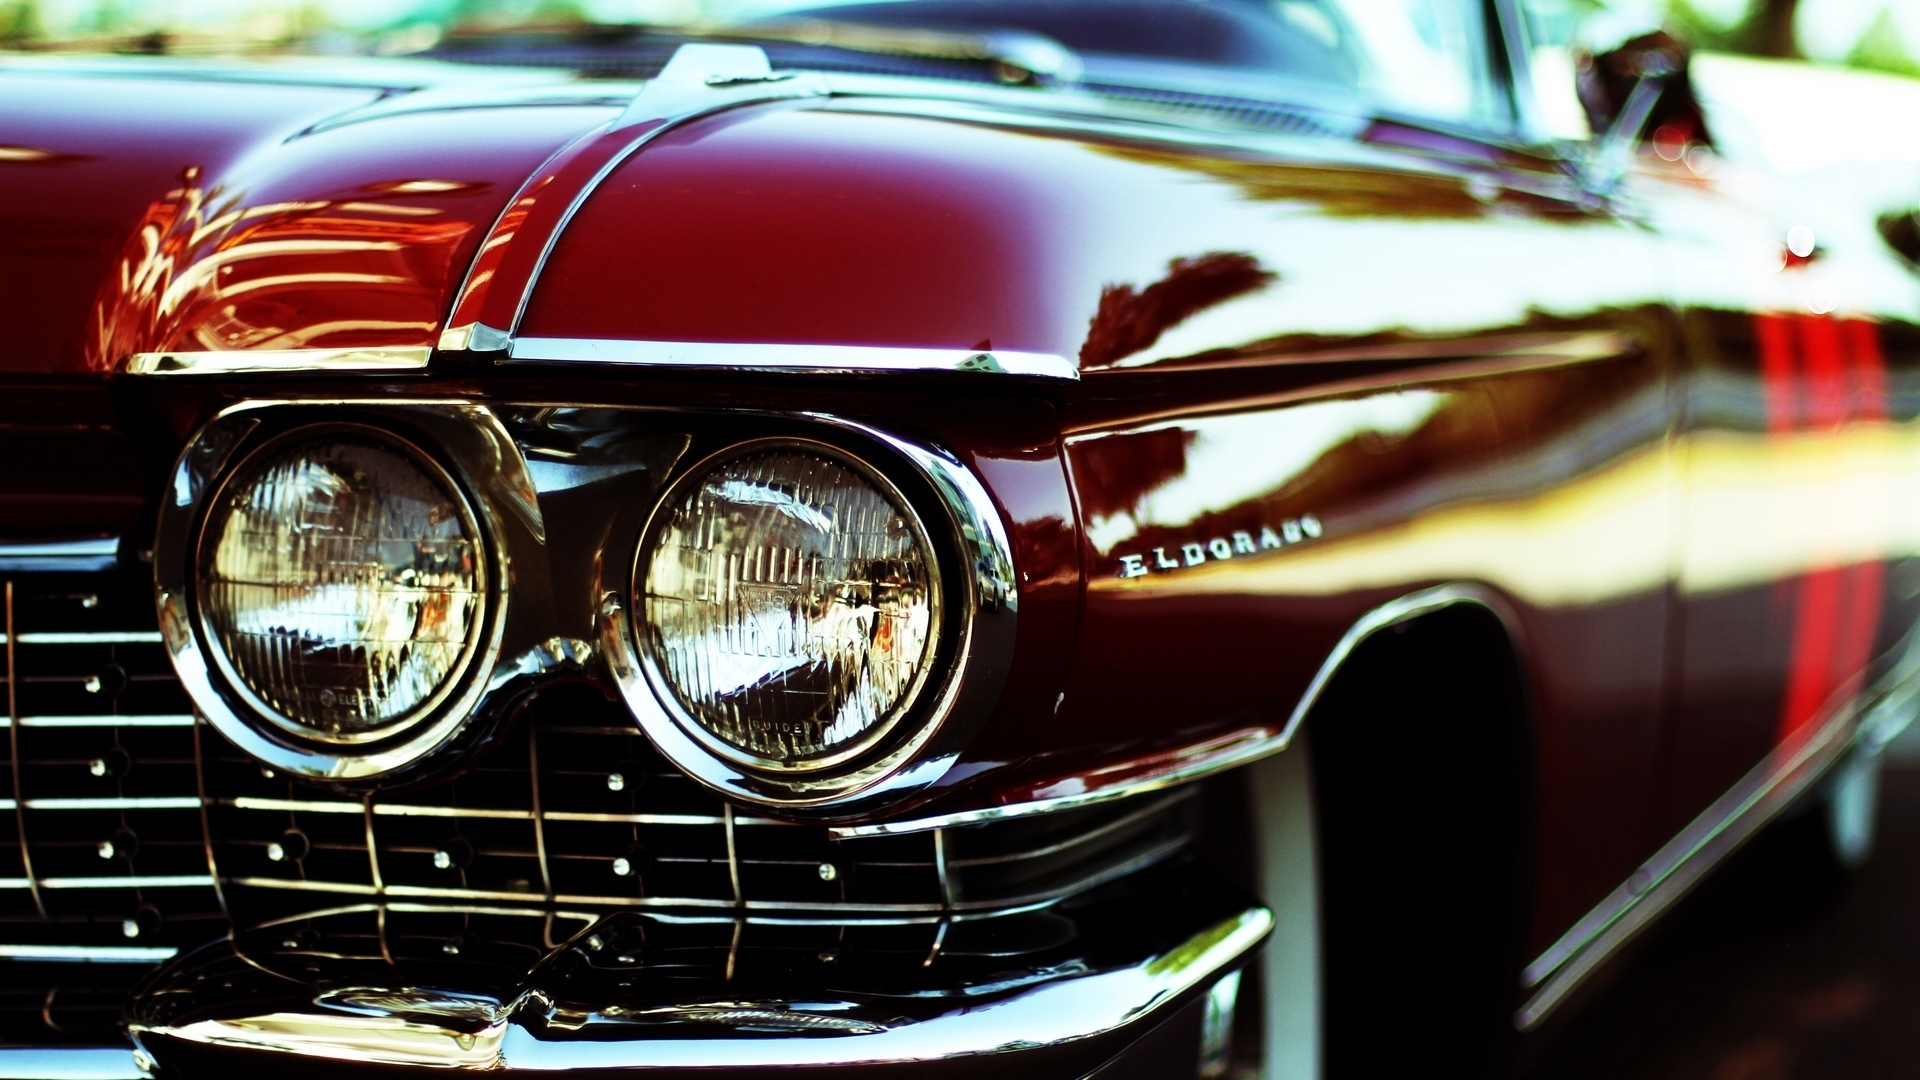 Cadillac Wallpaper Image